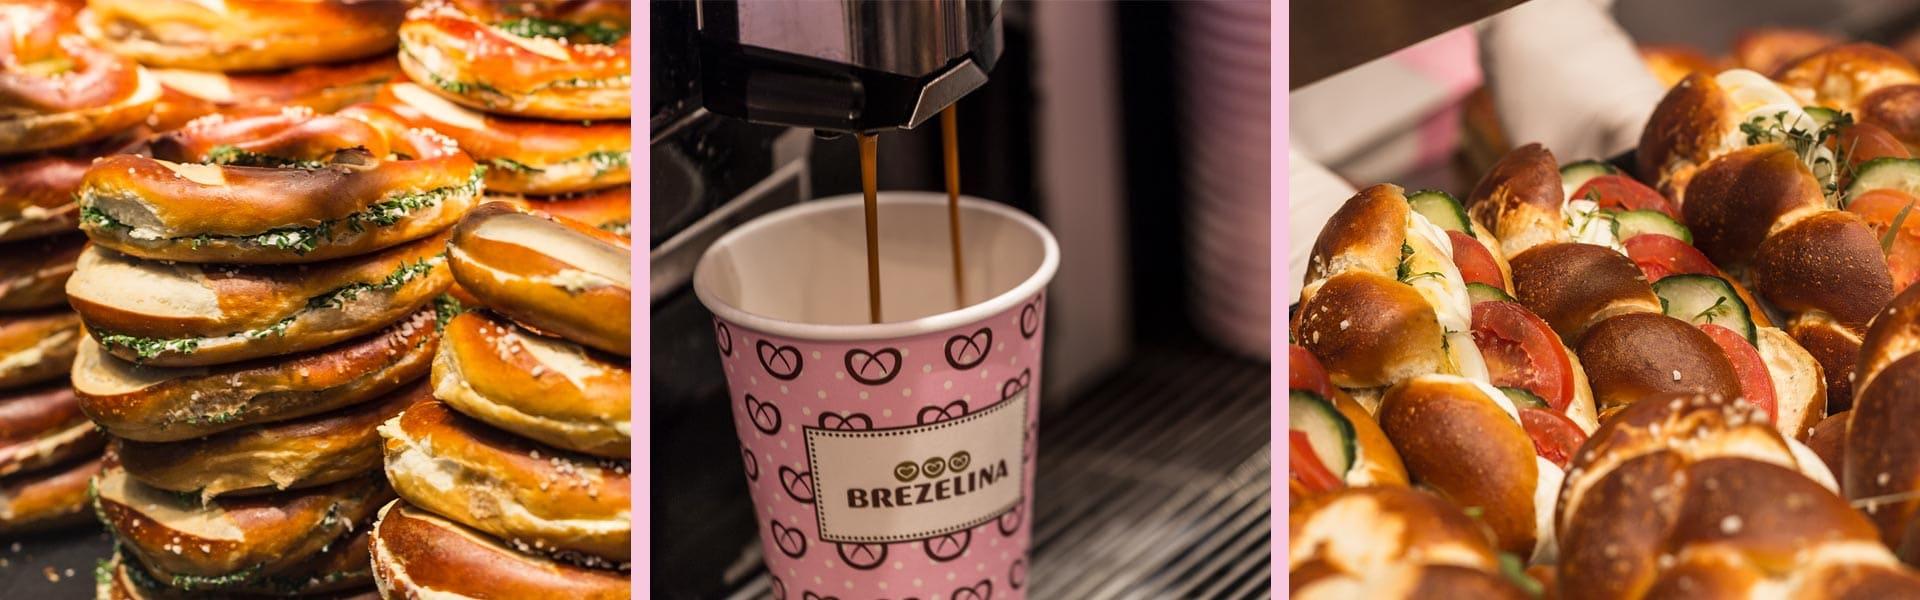 Brezelina München am Stachus und Marienplatz Leckere Brezn, Zöpfe, Croissants und Pürees dazu Kaffee und Kaltgetränke